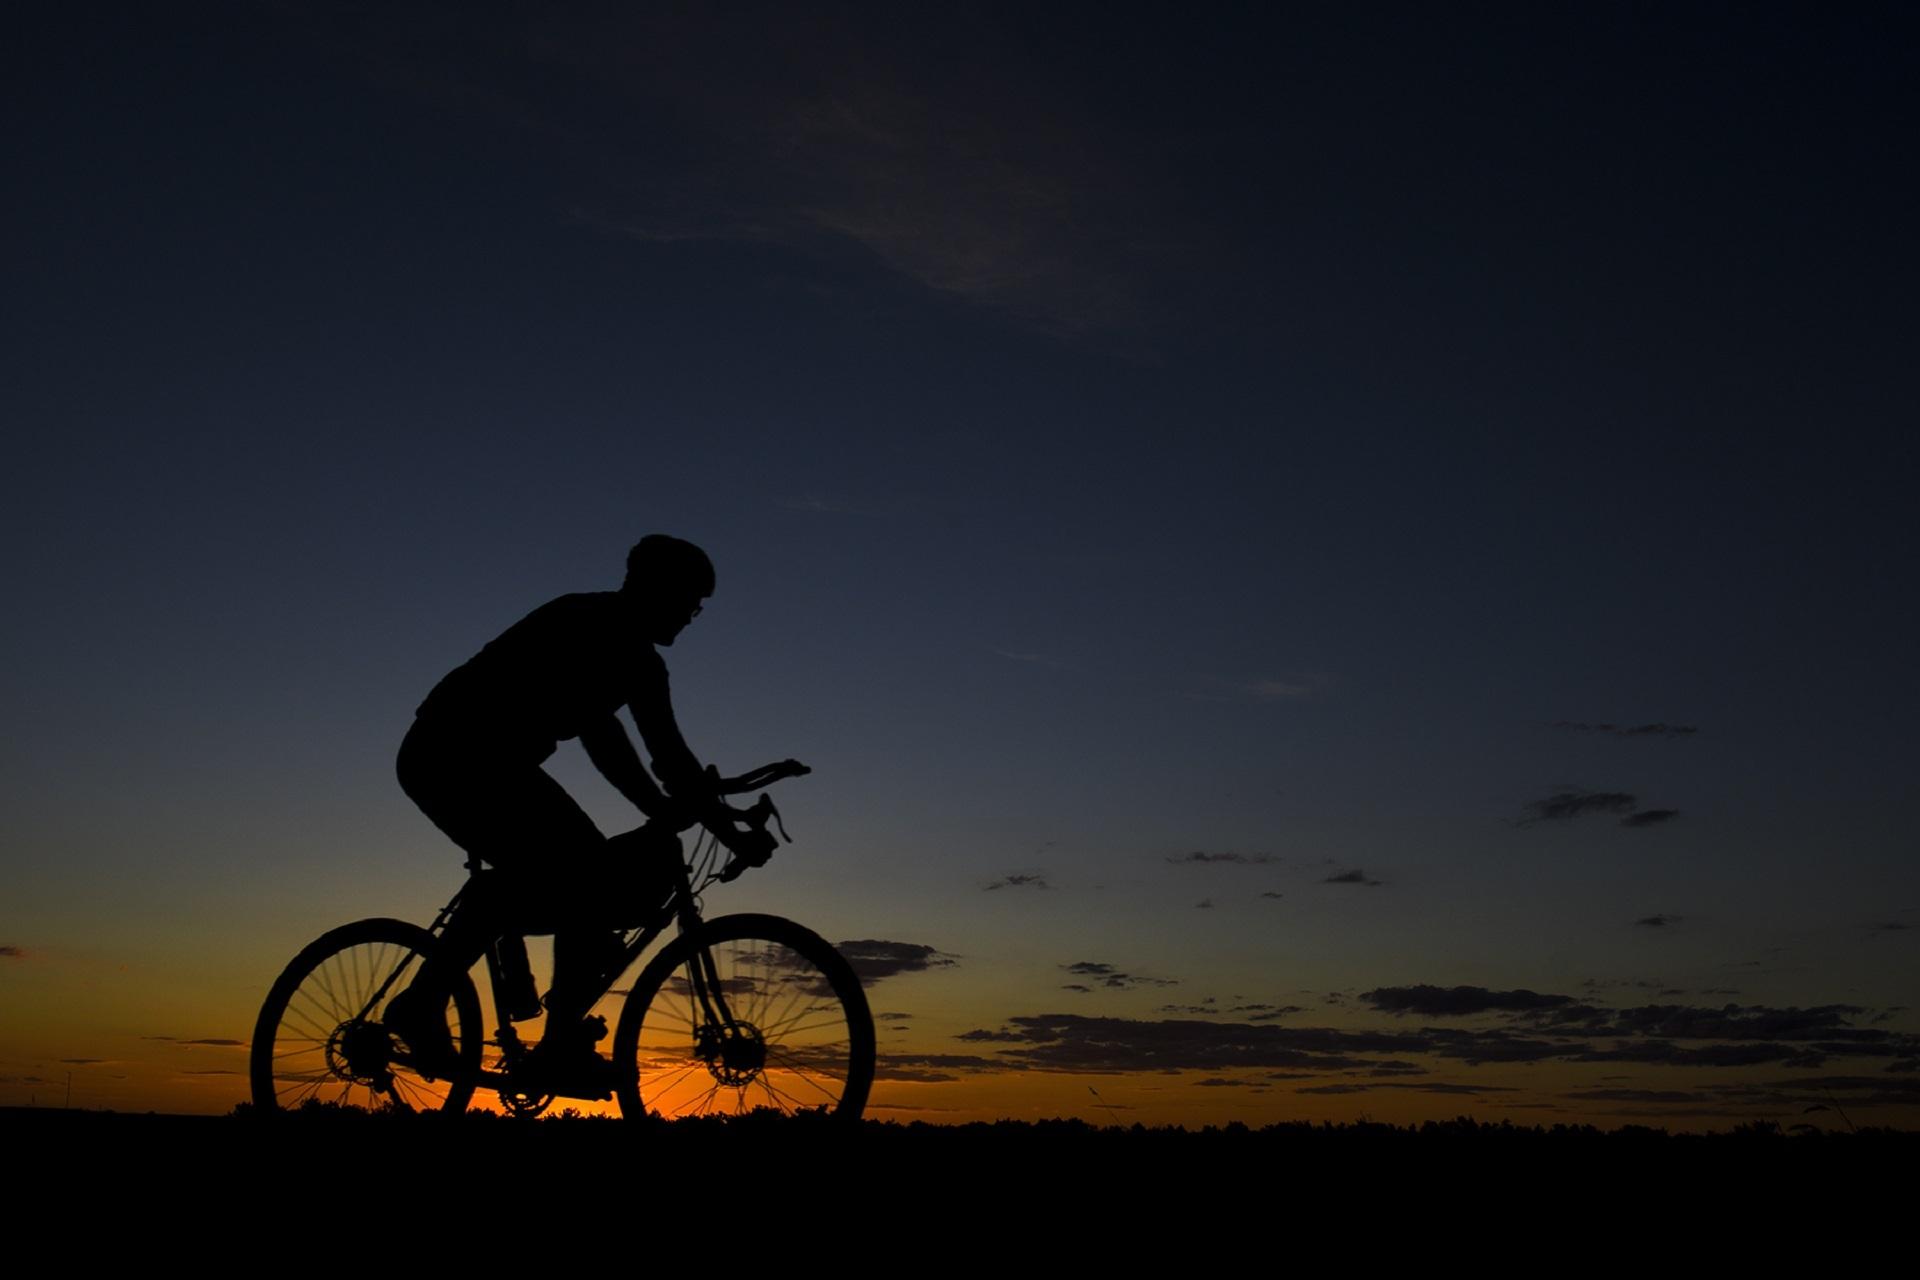 Wielrennen in het donker